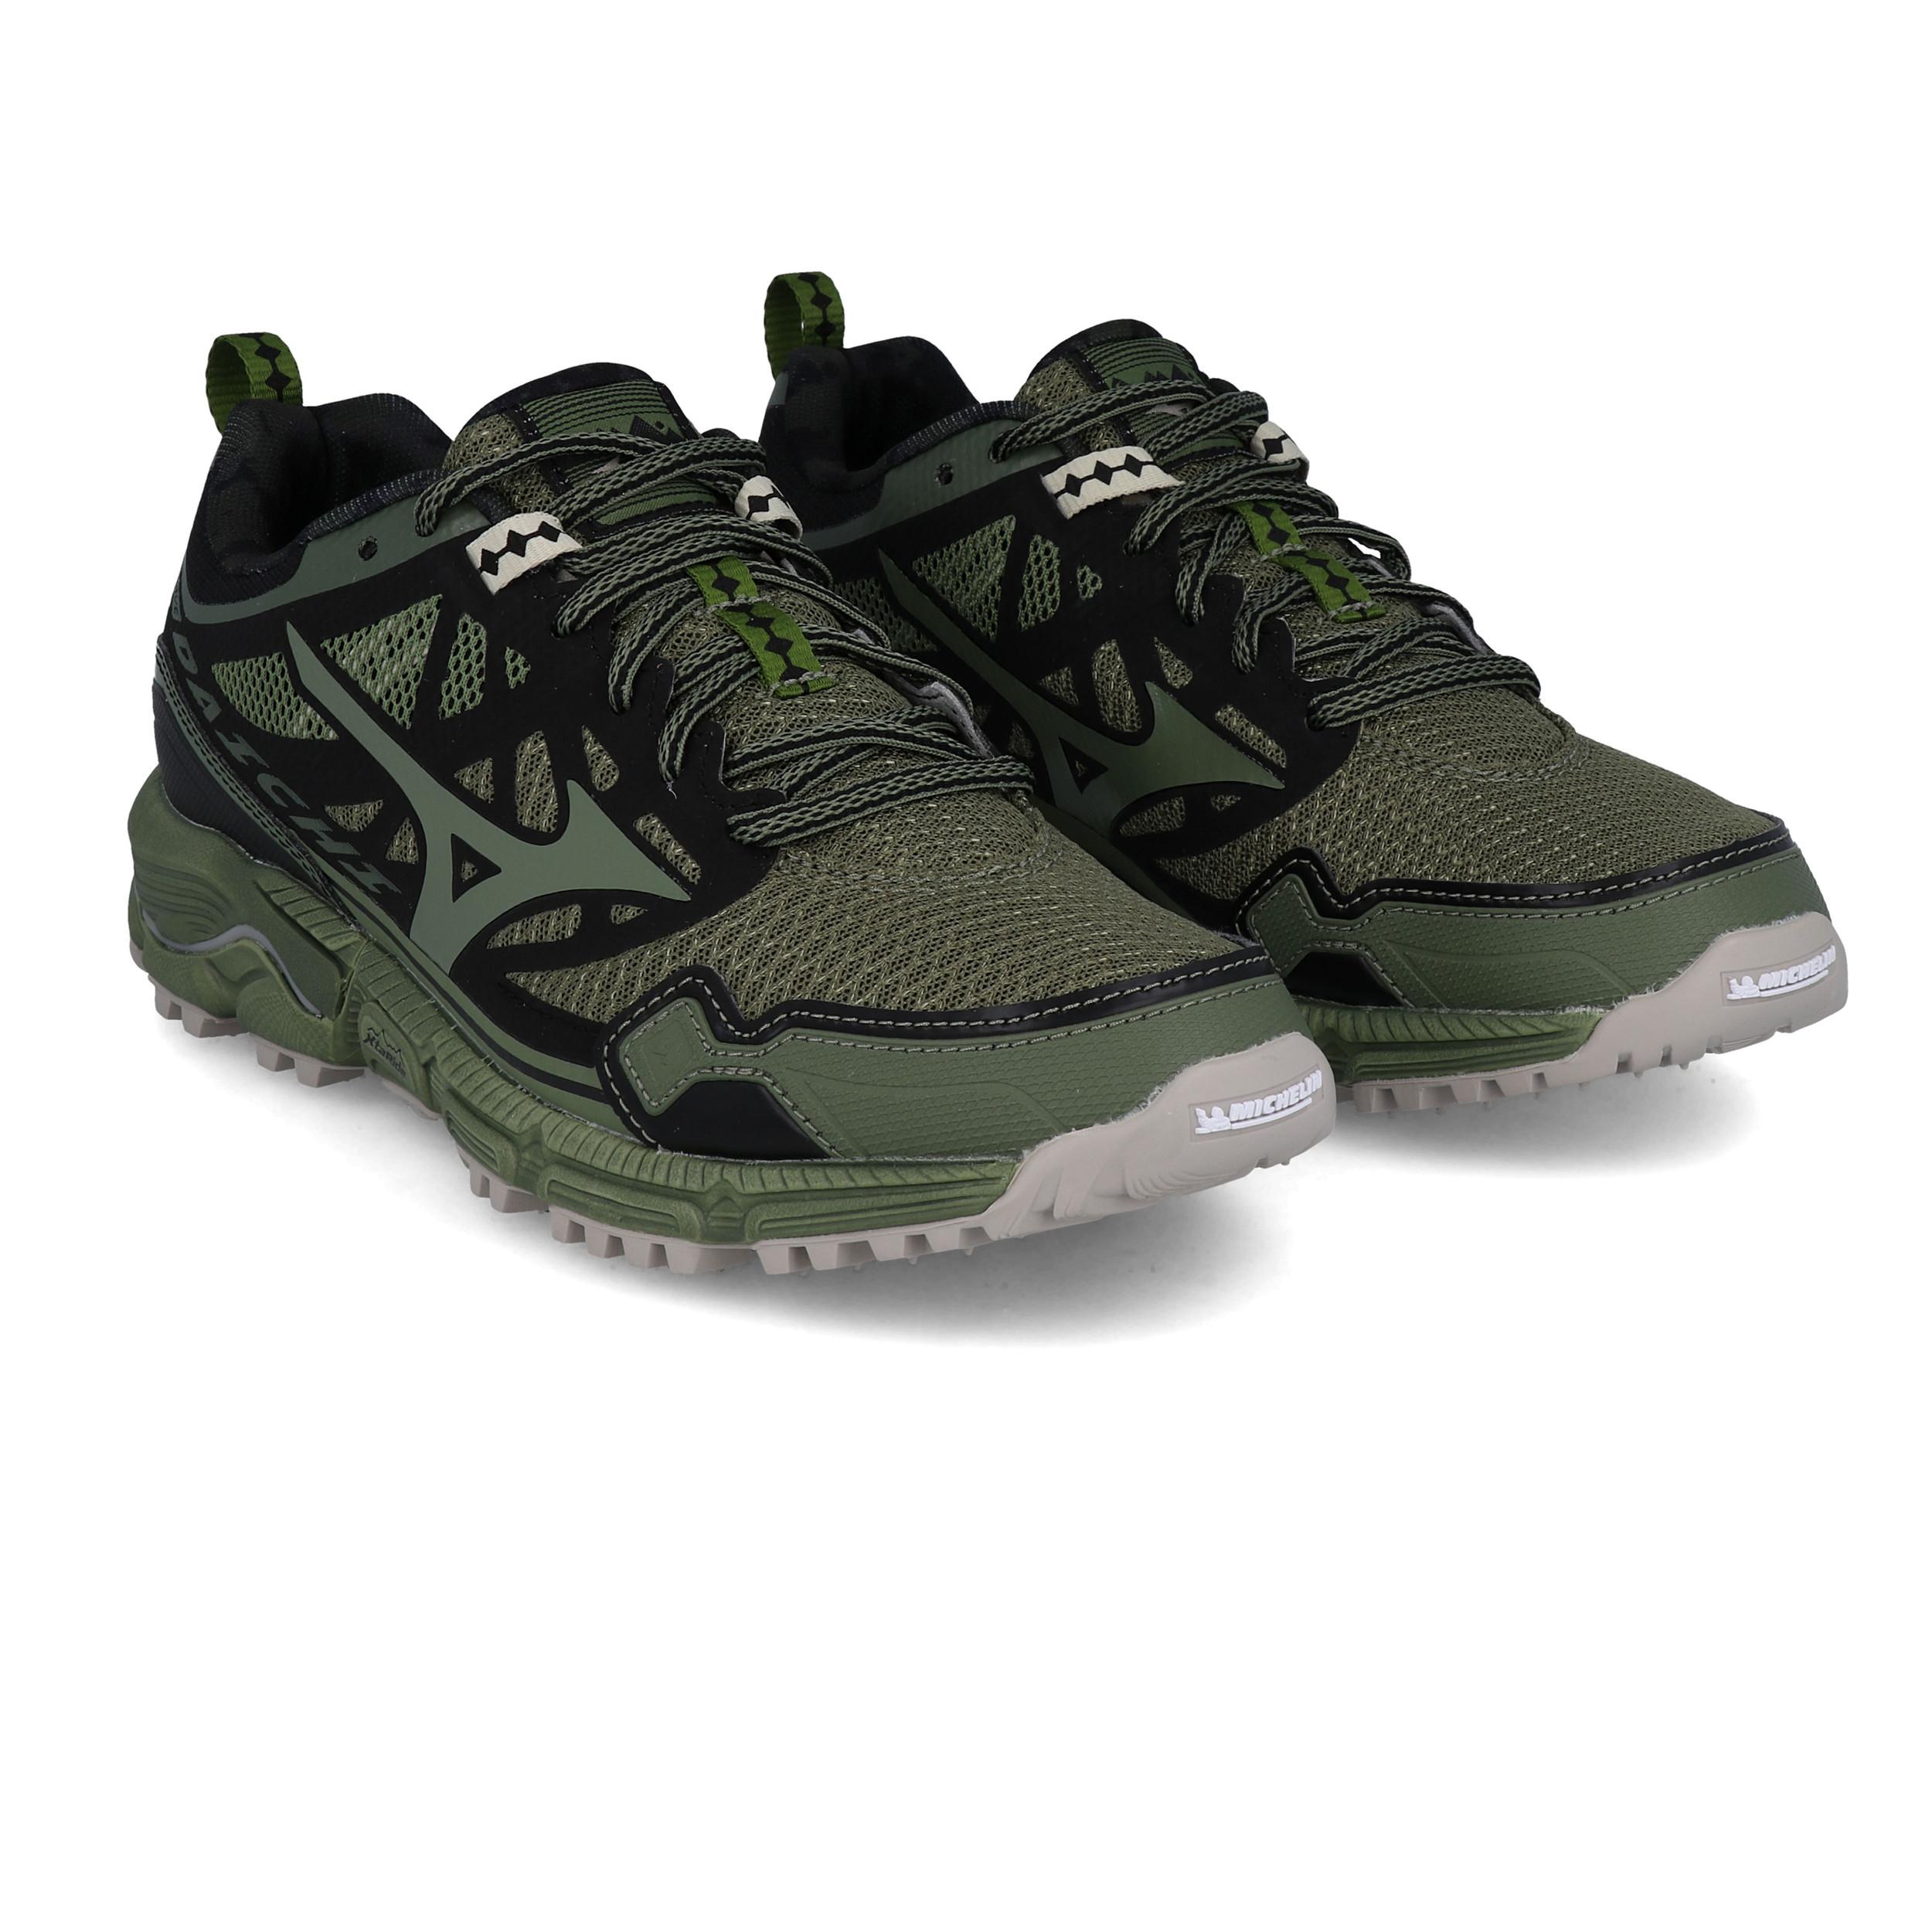 Mizuno Wave Daichi 4 Women's Trail Running Shoes